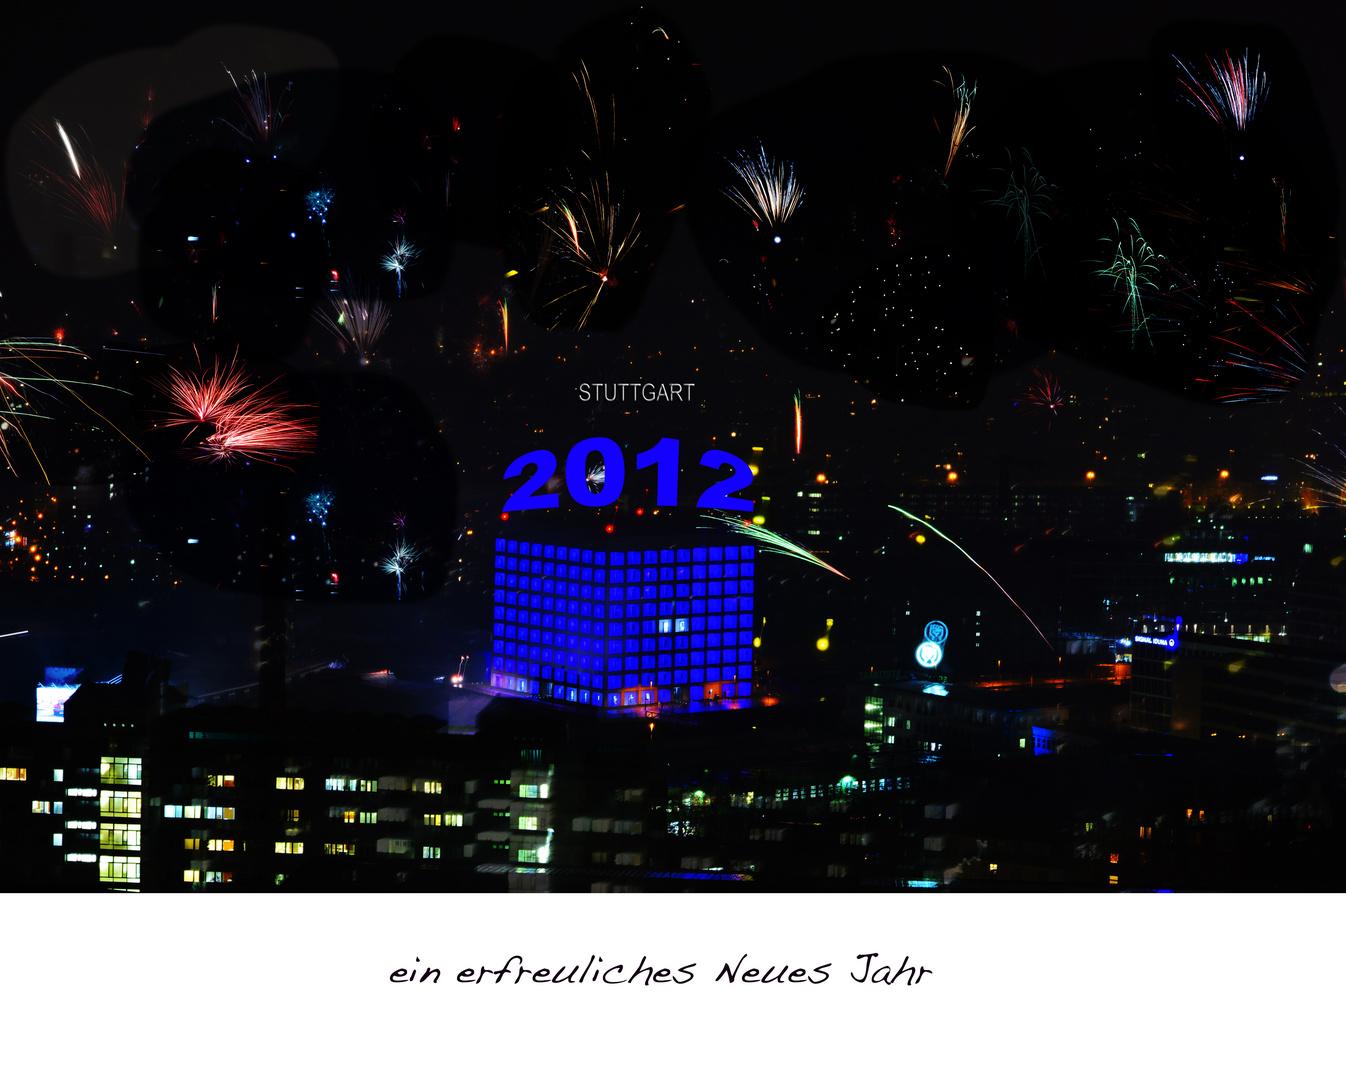 Feliz Año Nuevo,Happy New Year, Buon anno,Joyeux Nouvel An